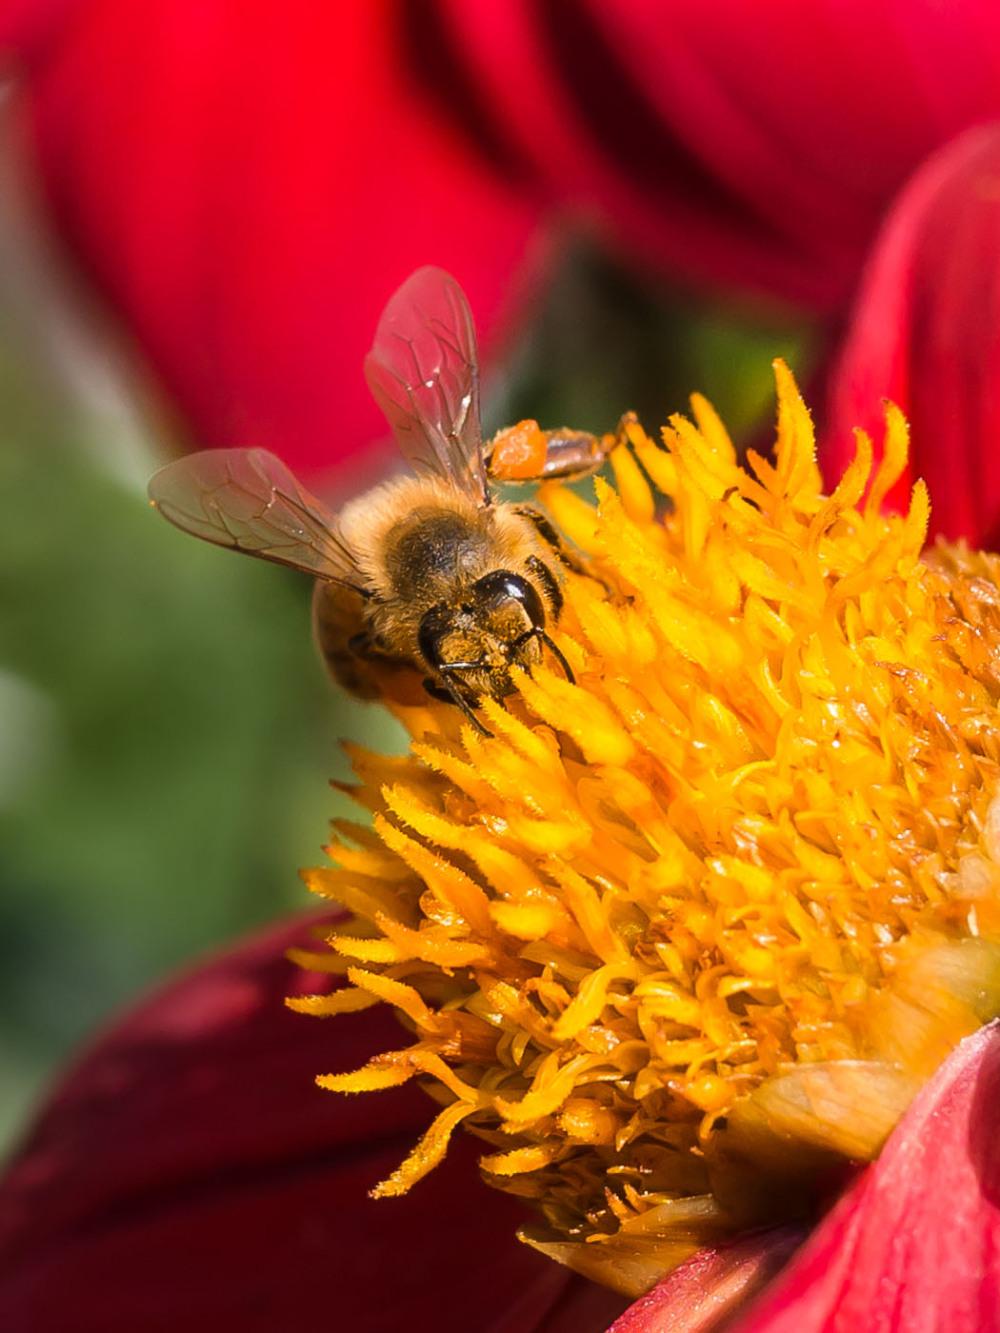 A Bee on a Dahlia